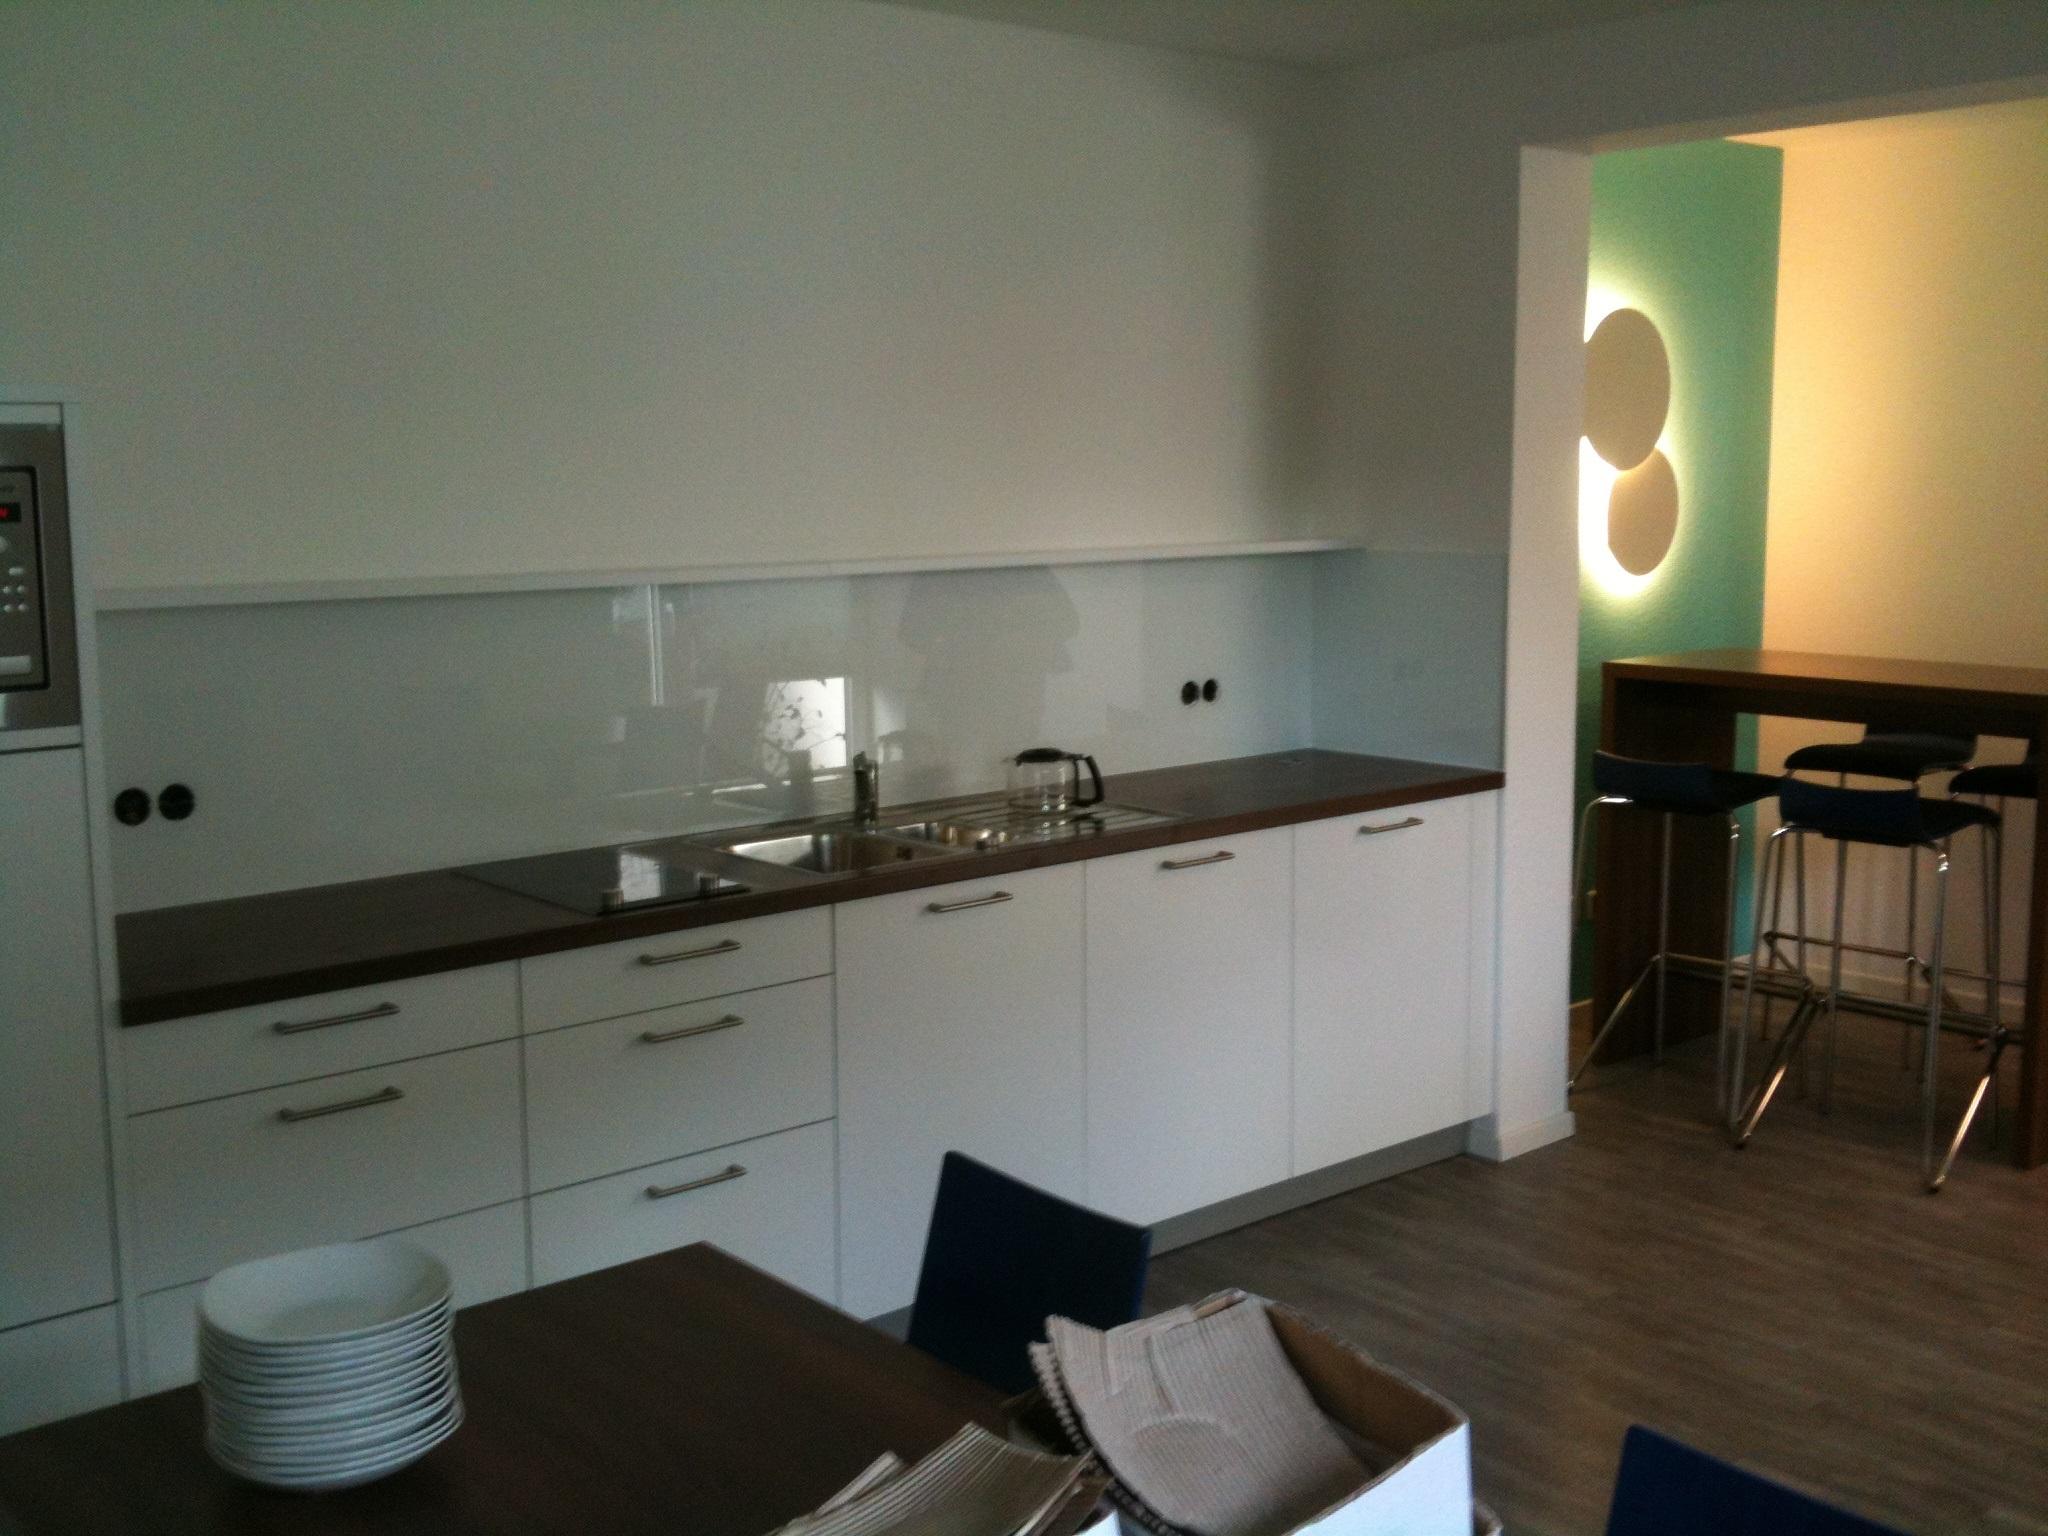 k chenr ckwandglas fliesenspiegel r ckwandglas. Black Bedroom Furniture Sets. Home Design Ideas